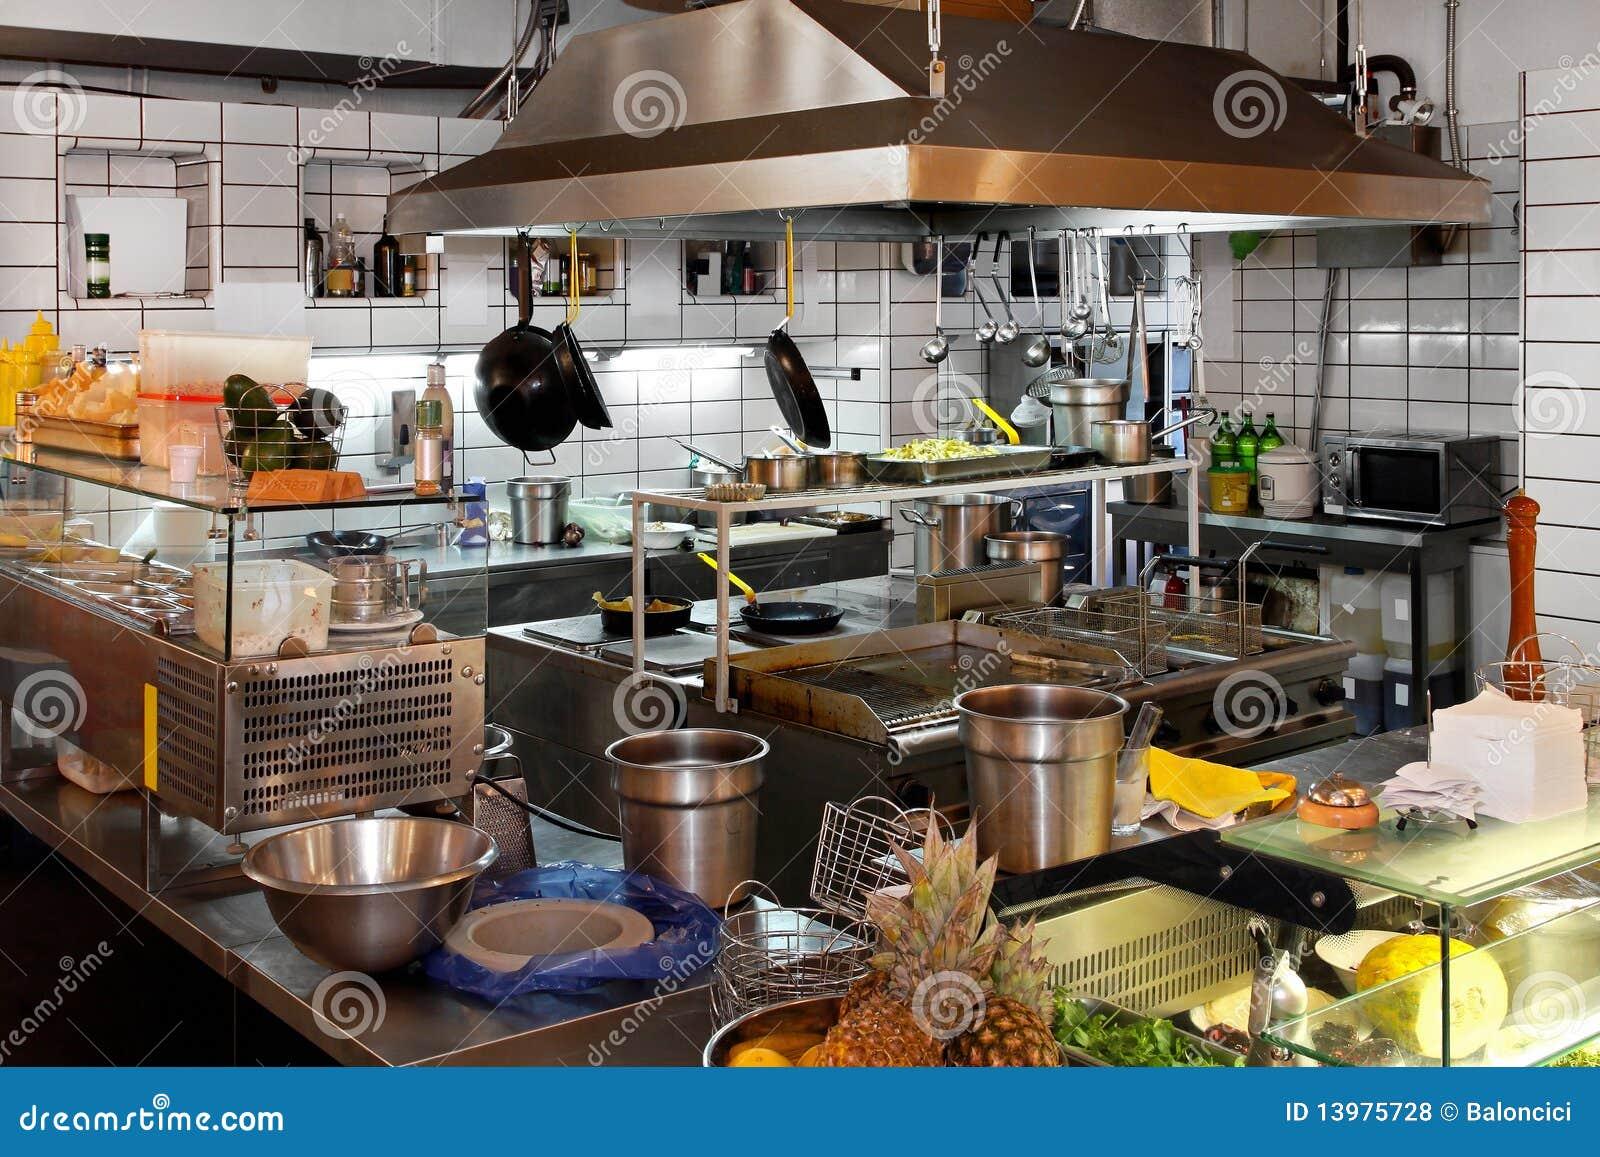 Cozinha Do Restaurante Fotos de Stock Royalty Free Imagem: 13975728 #B69D15 1300 957